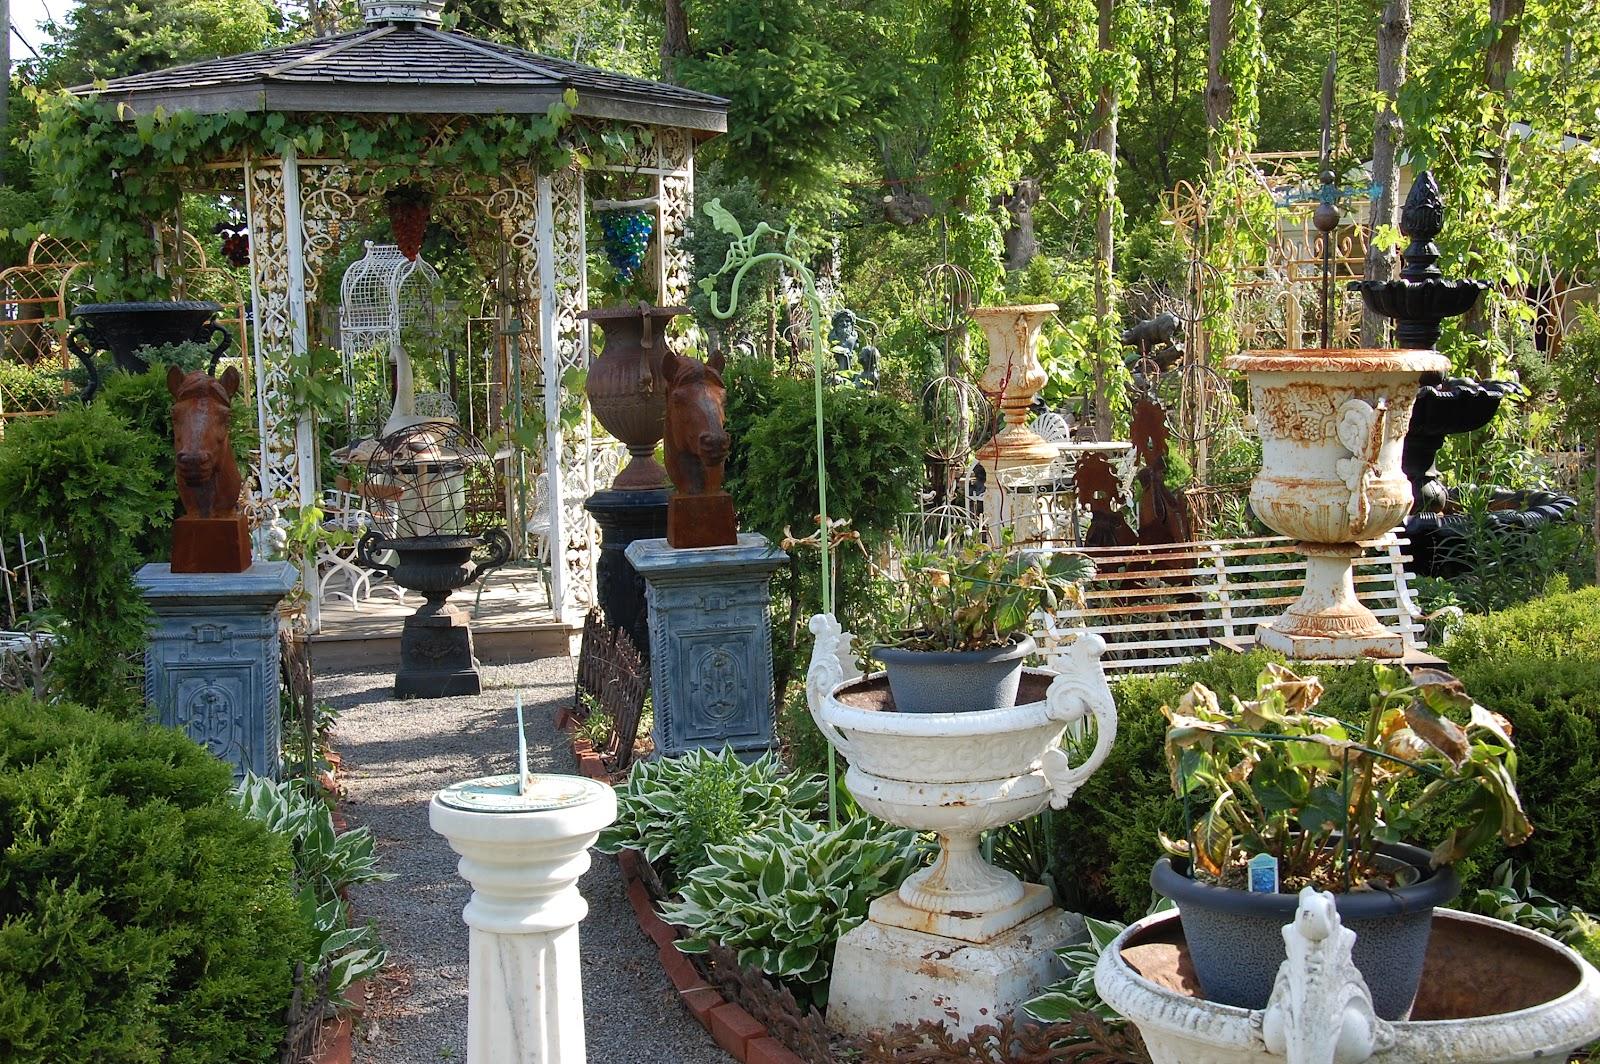 The Iron Garden.ca